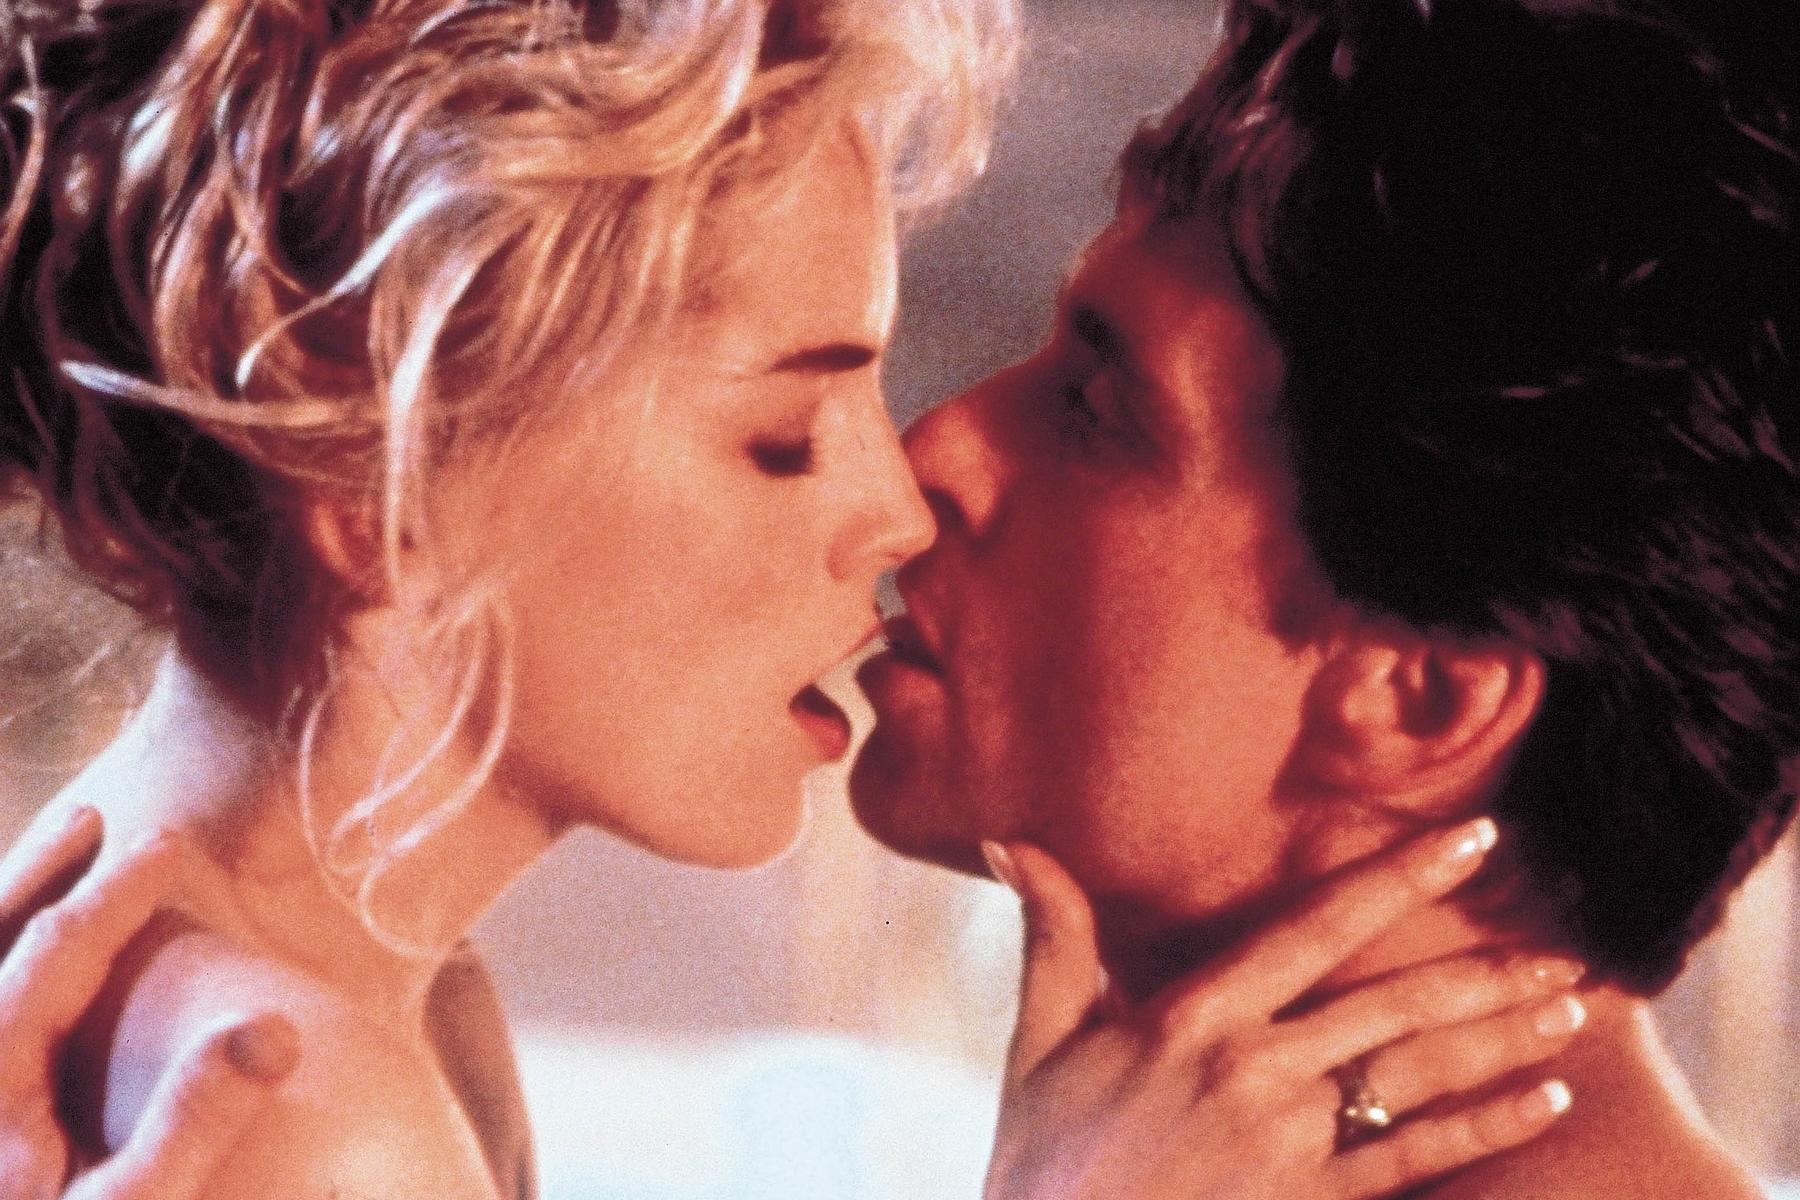 Hogyan lehet anális szexet szerezni